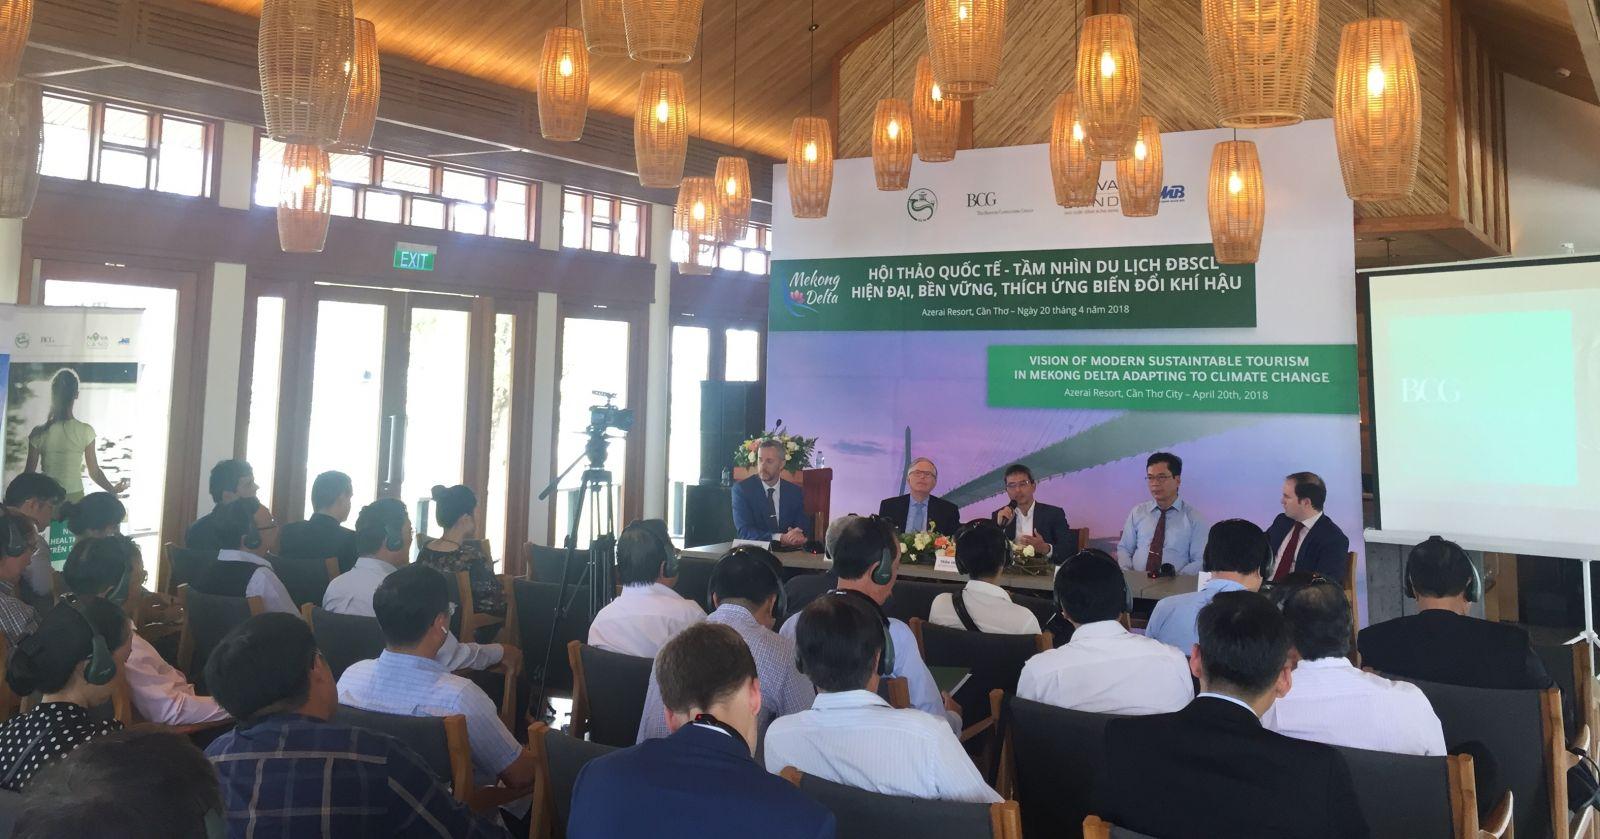 """Các chuyên gia trình bày trình bày ý kiến tại Hội thảo quốc tế """"Tầm nhìn hiện đại về Du lịch ĐBSCL bền vững thích ứng biến đổi khí hậu với Cần Thơ là trung tâm"""""""